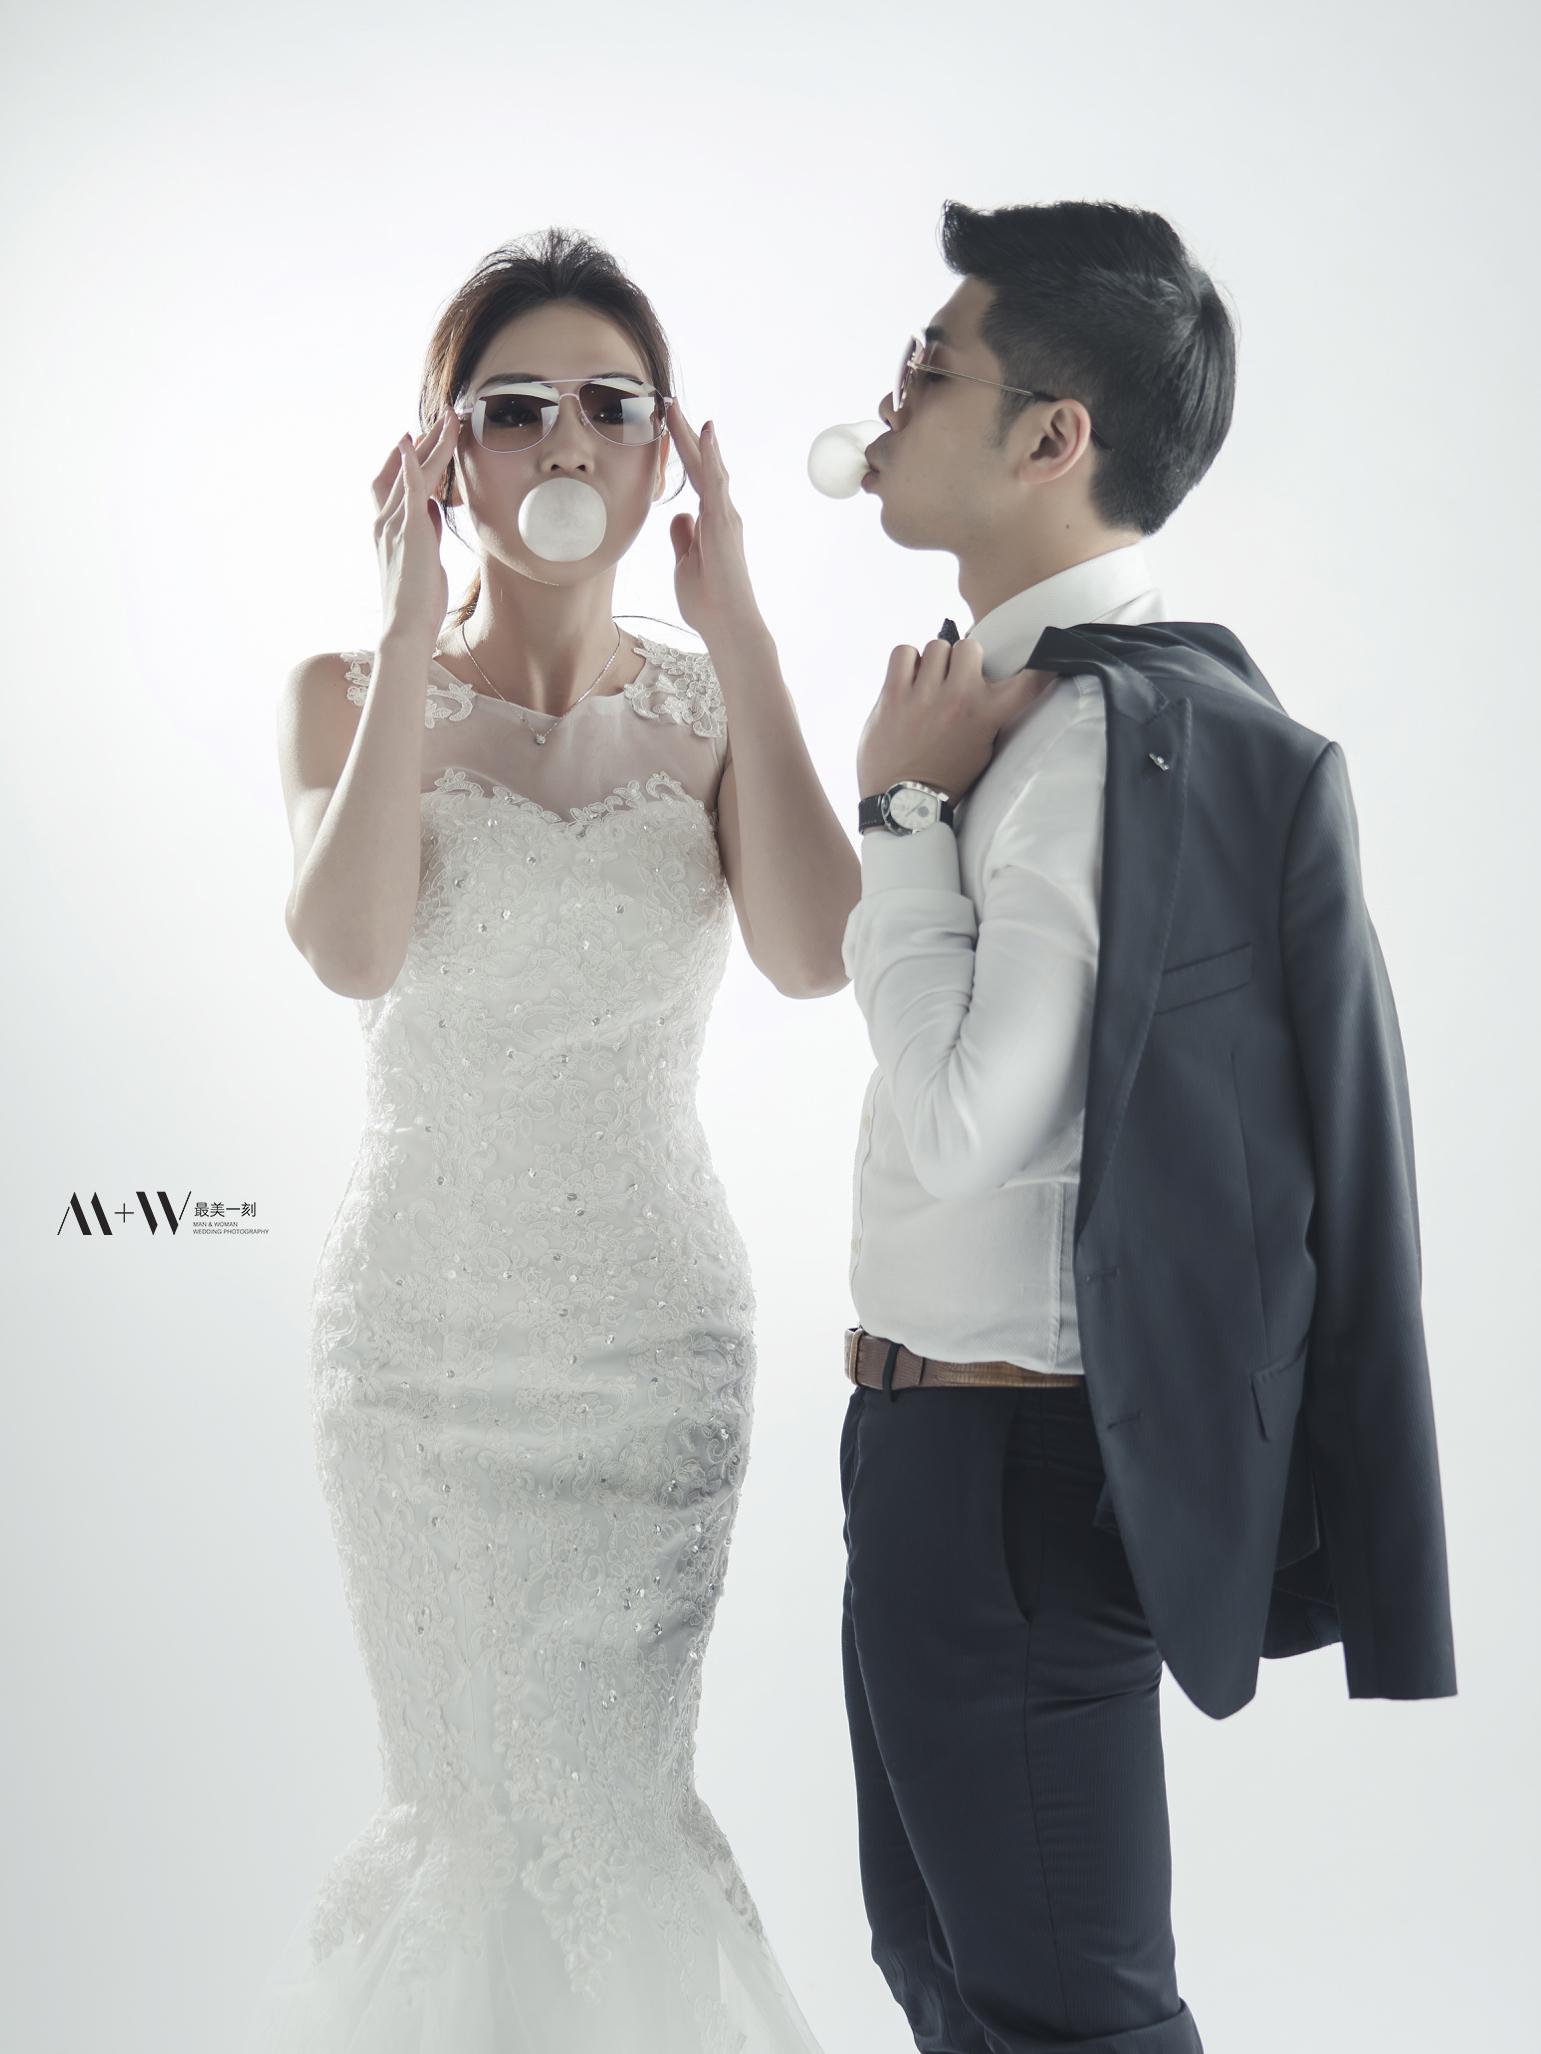 【自主婚紗】 Wayne & Megan紀實攝影 @ M+W最美一刻